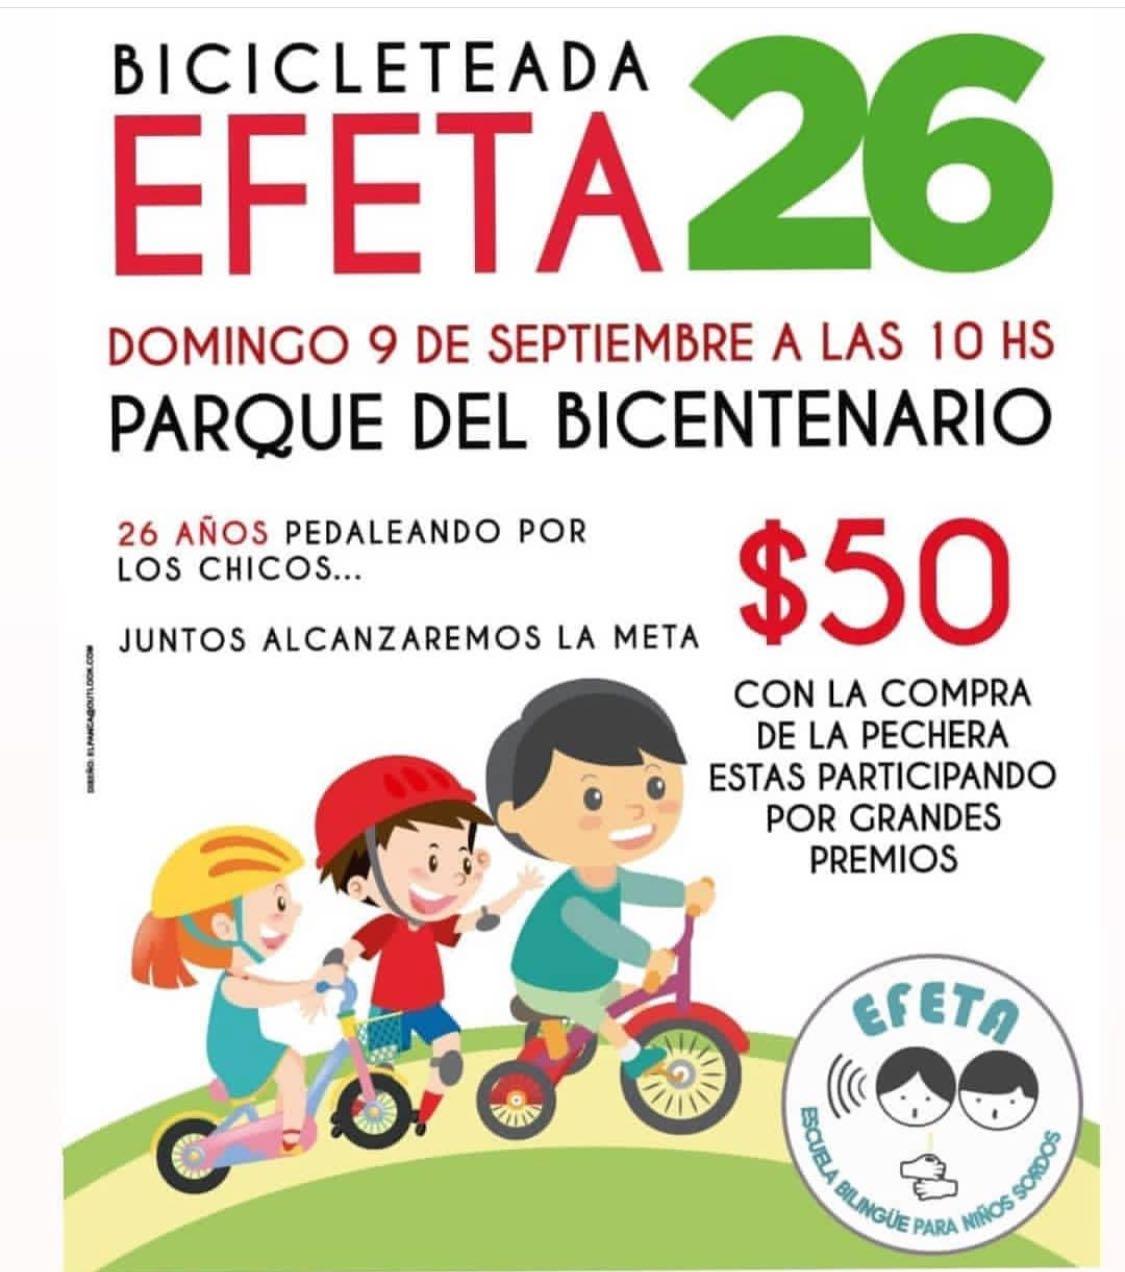 El domingo se corre la 26° Bicicleteada EFETA